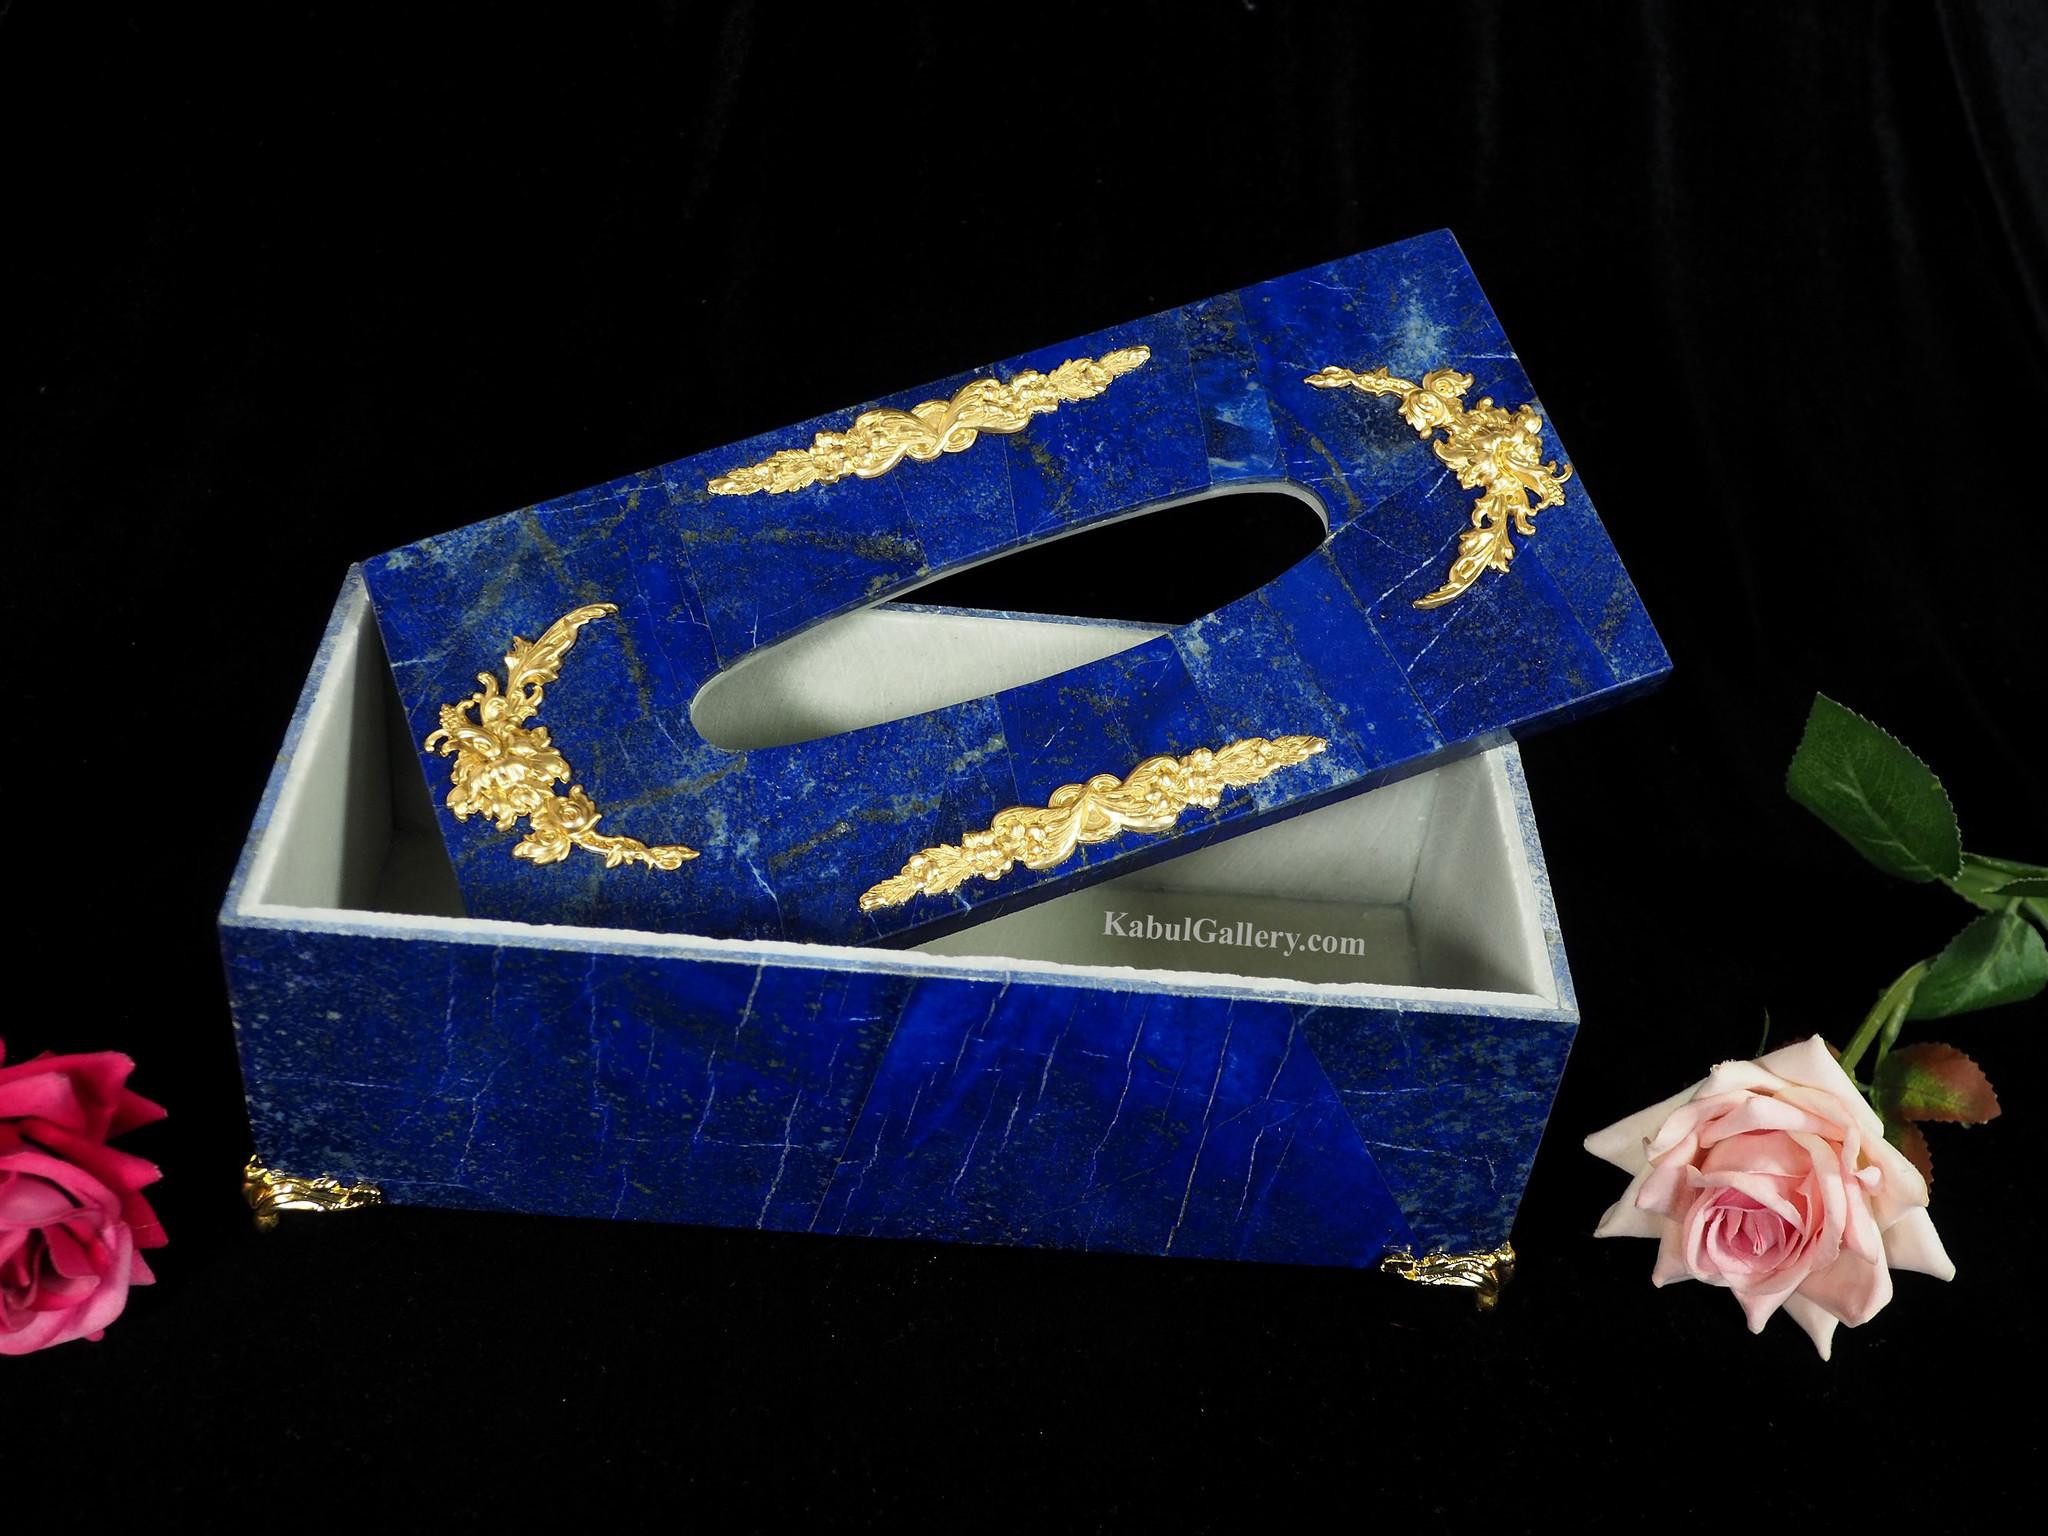 Lapis lazuli taschentuchbox taschentuchhalter serviettenhalter  19/A